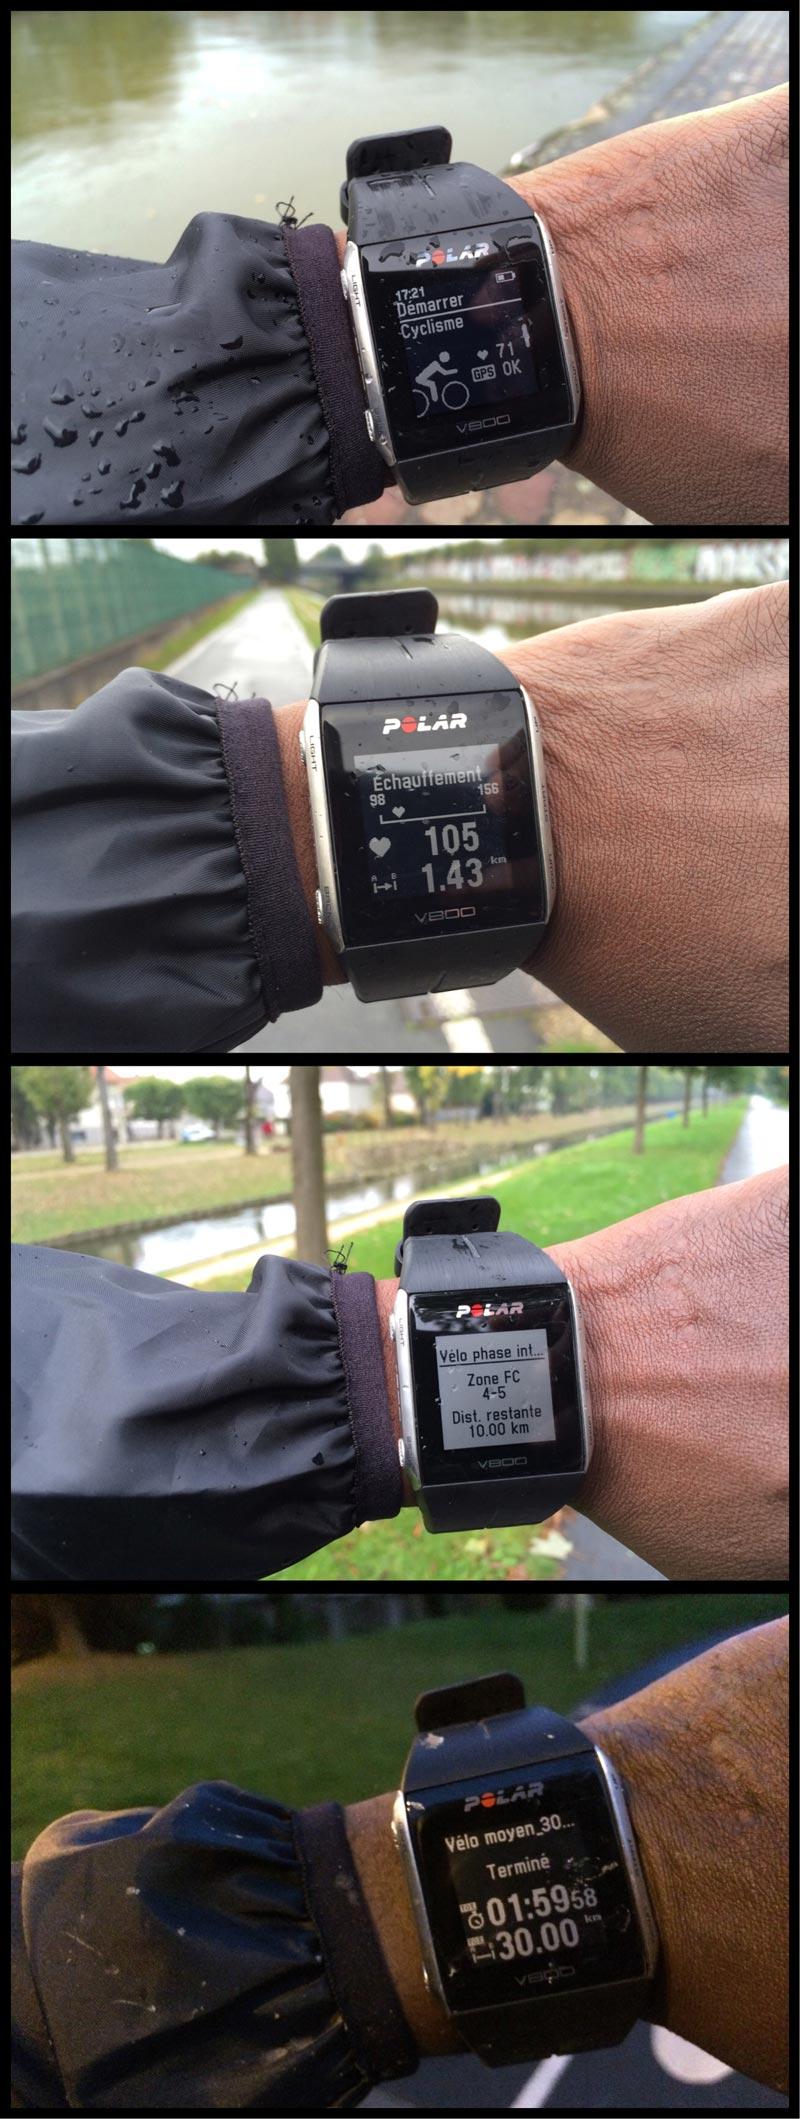 Suivi sur le terrain avec la montre Polar V800 d'une séance de vélo découpées en phases d'intensité cardiaque variable, Ph. Moctar KANE.